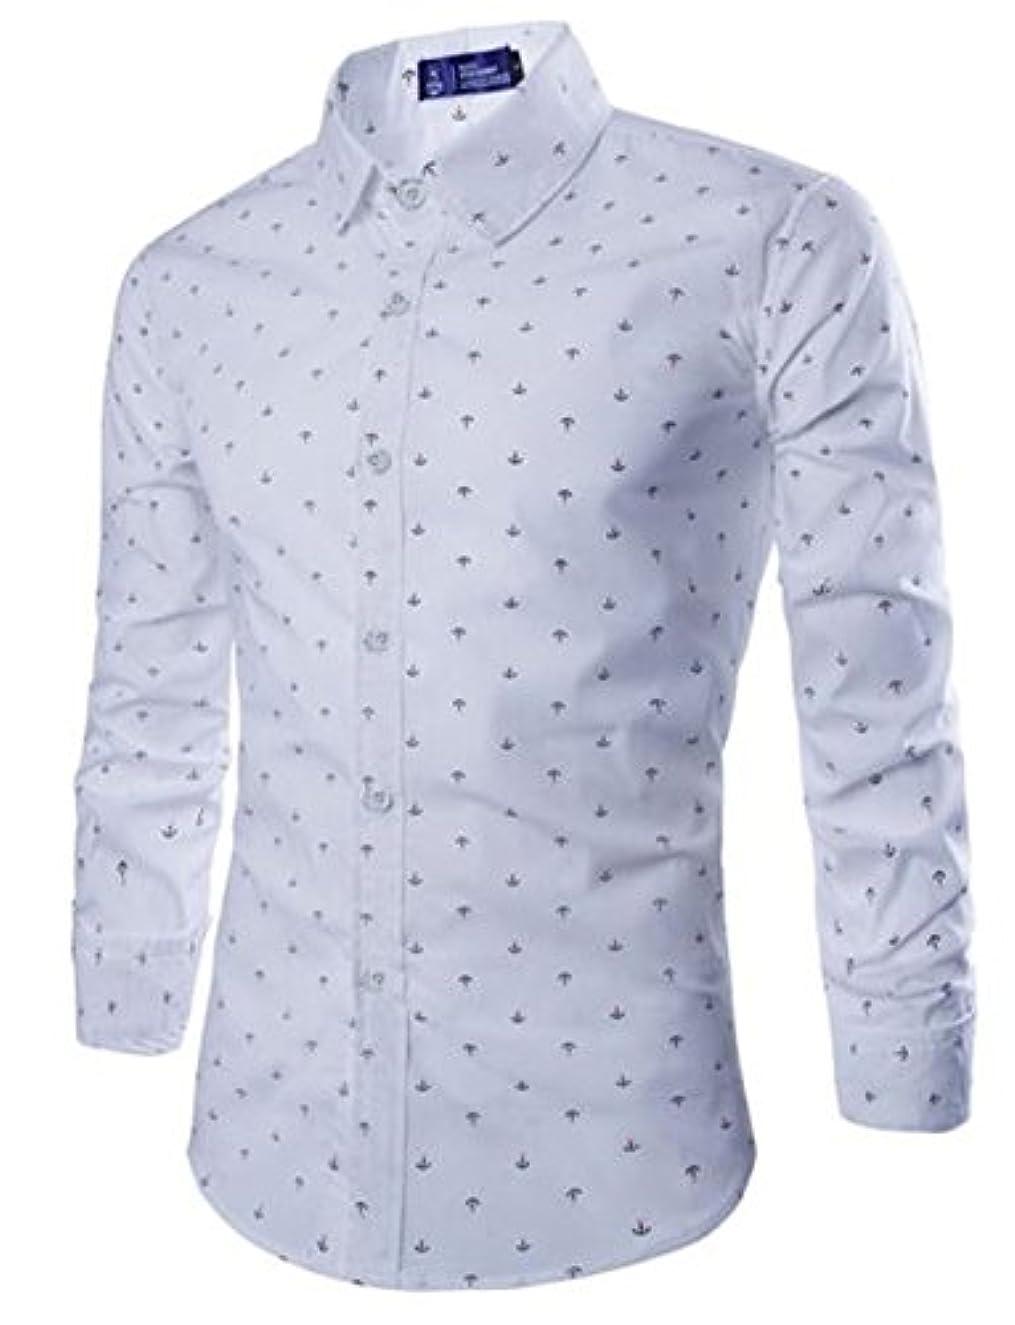 本質的ではないシティ不倫(チェリーレッド) CherryRed メンズ 長袖ワイシャツ ビジネス オールシーズン シーアンカ柄 イギリス風 イケメン 修身 白 L